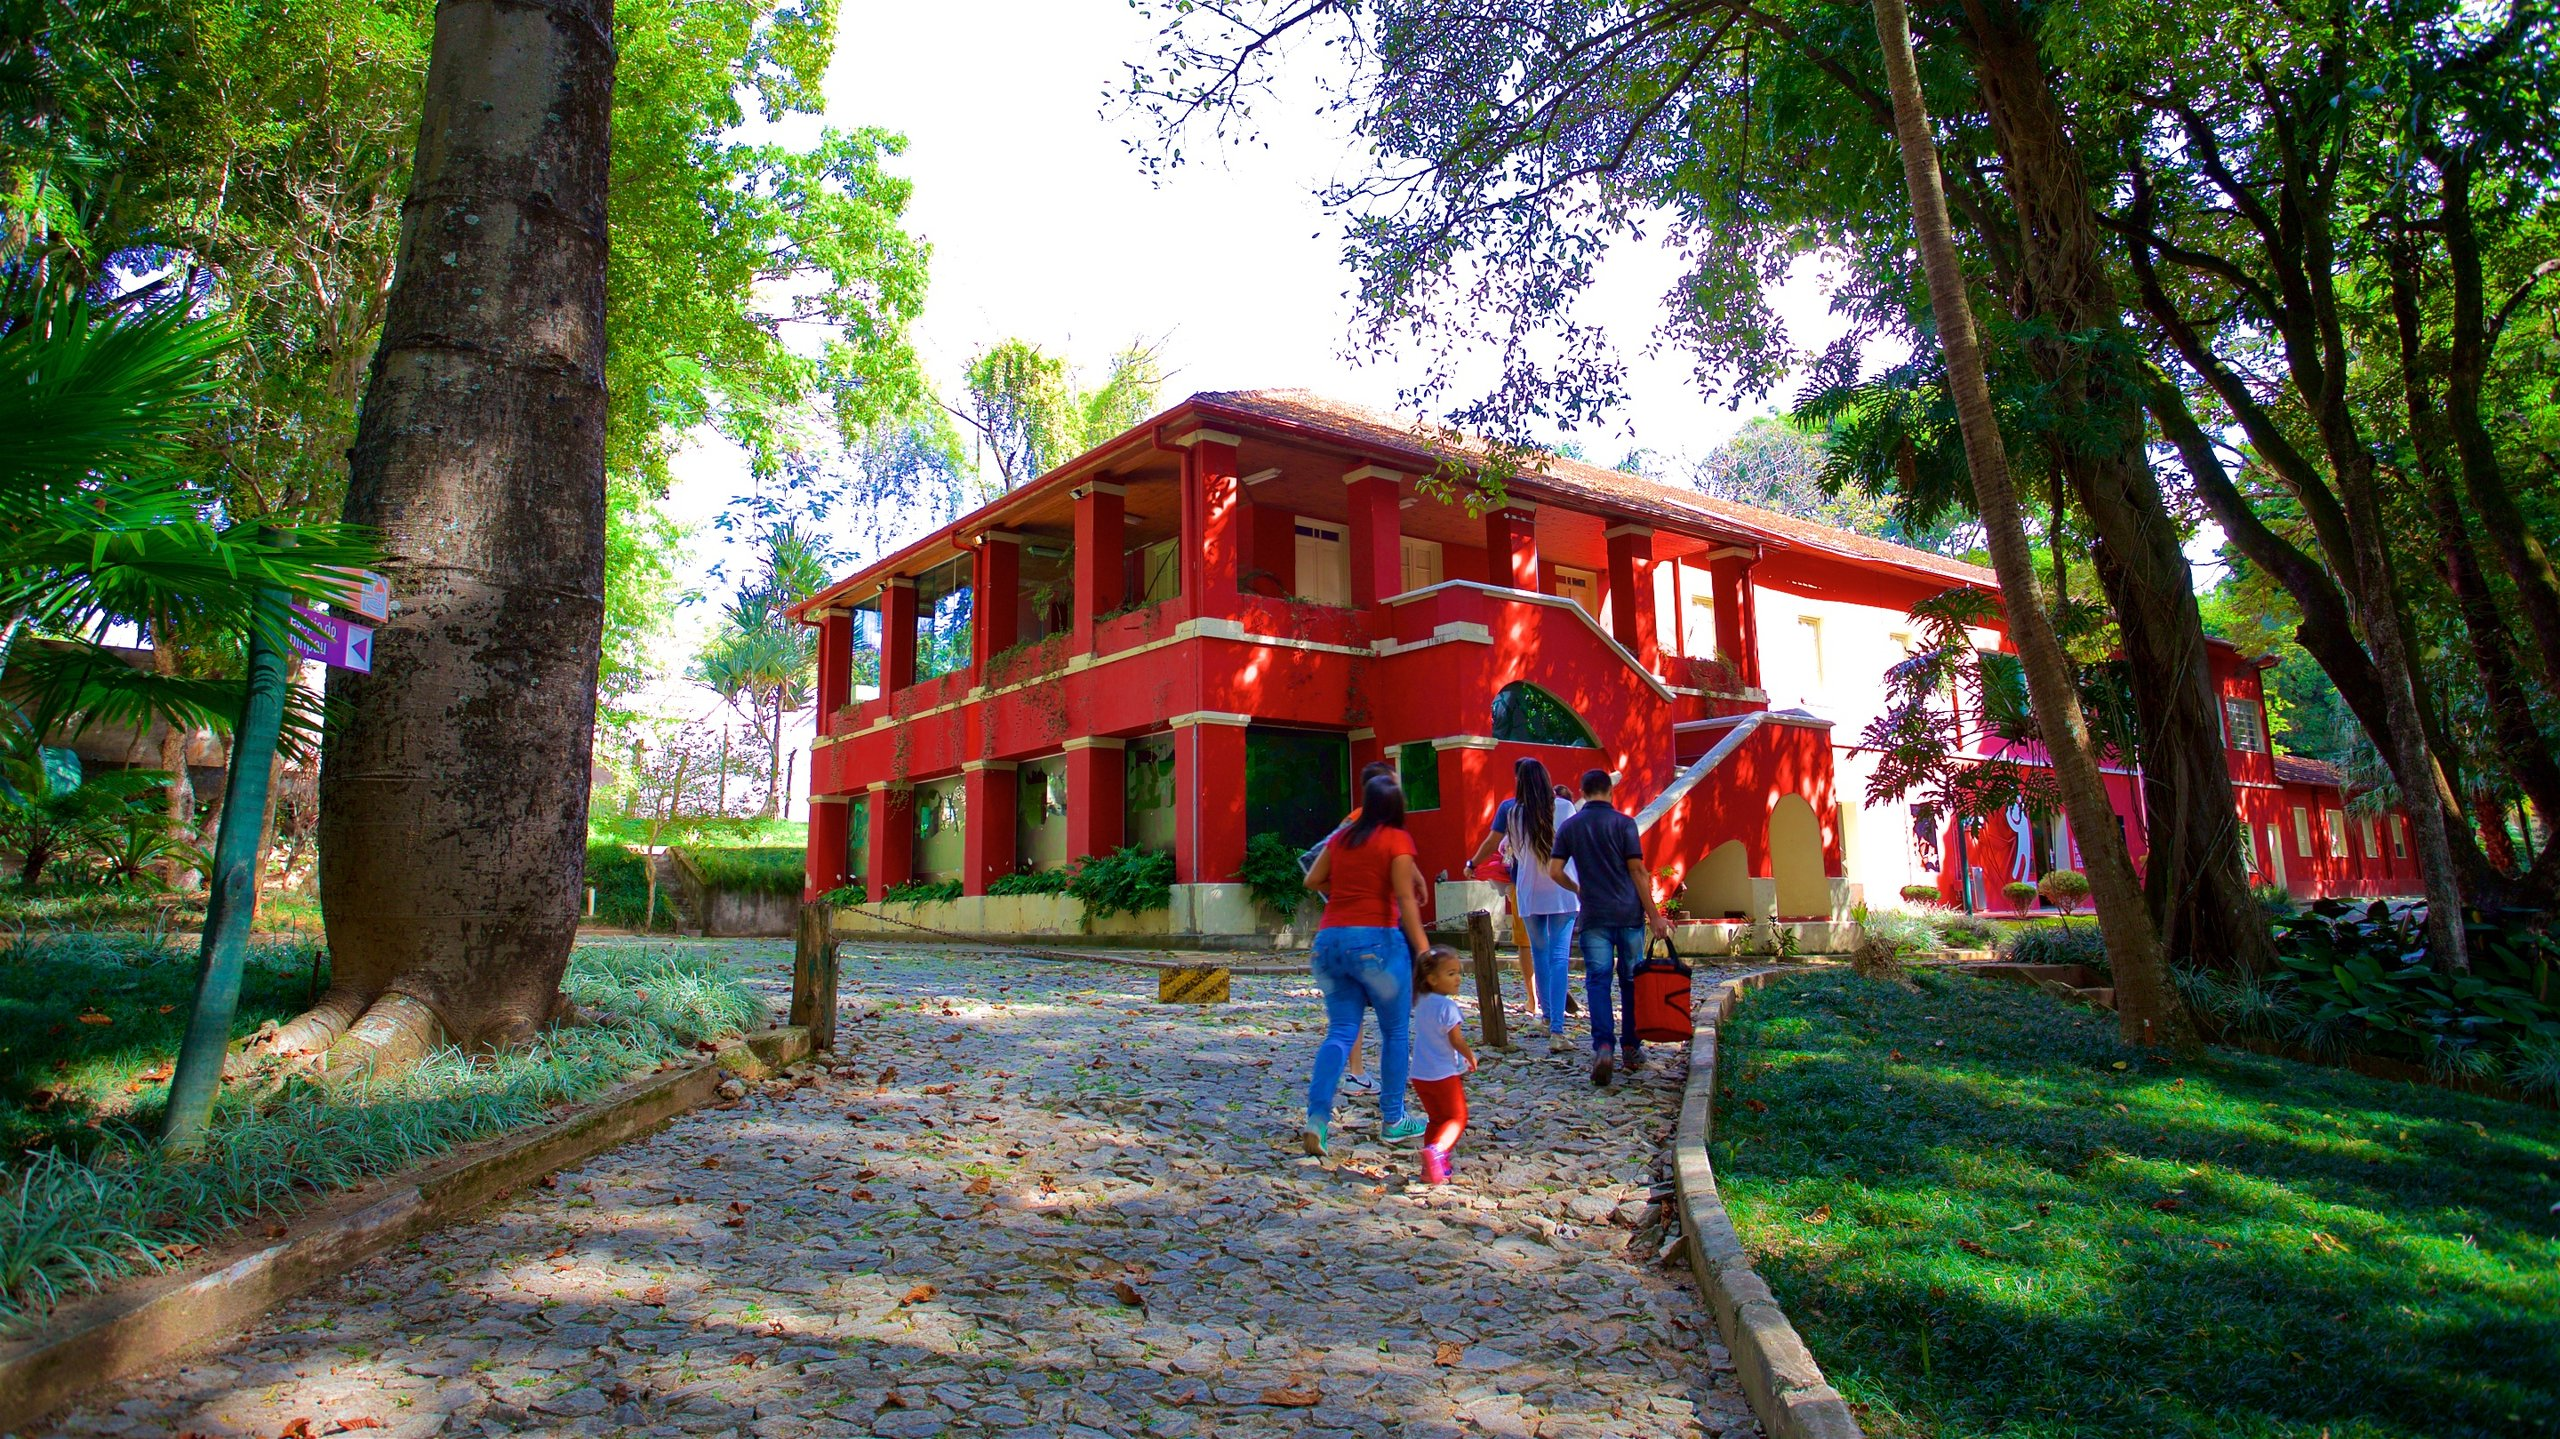 Horto Florestal, Belo Horizonte, Minas Gerais State, Brazil